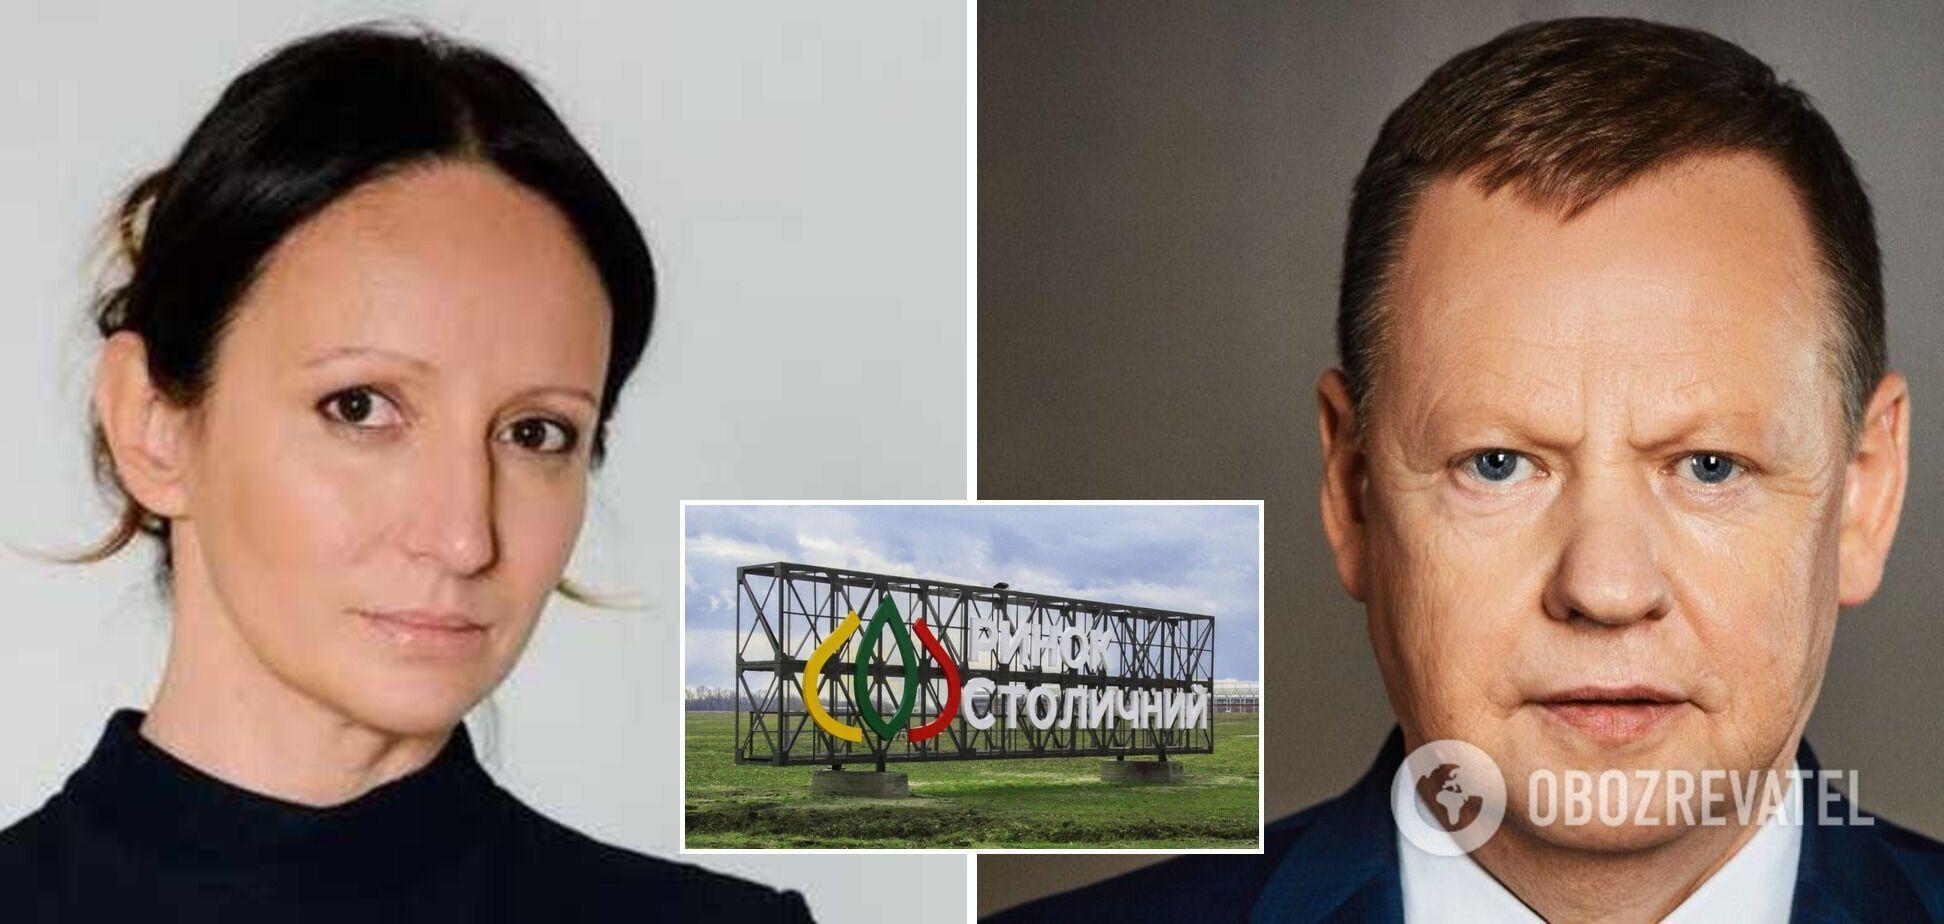 Туменас і Молчанова не втрачають надії відрейдерити 'Столичний', – Долгушевський про фейкових 'директорів' і 'кишенькові' суди